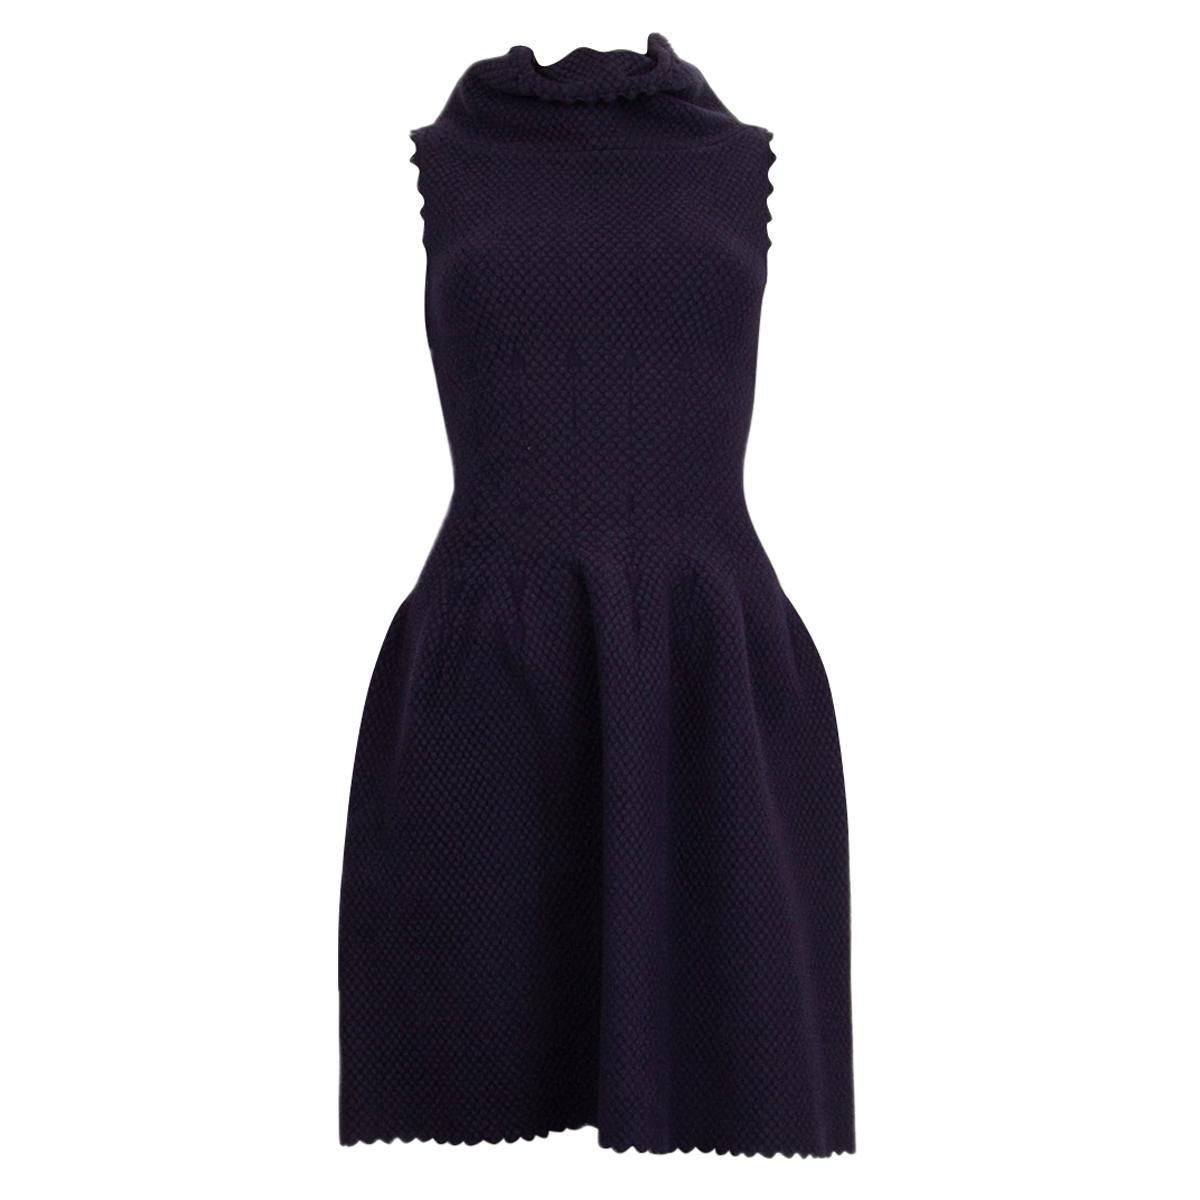 ALAIA midnight blue wool blend JACQUARD KNIT Flared Dress 44